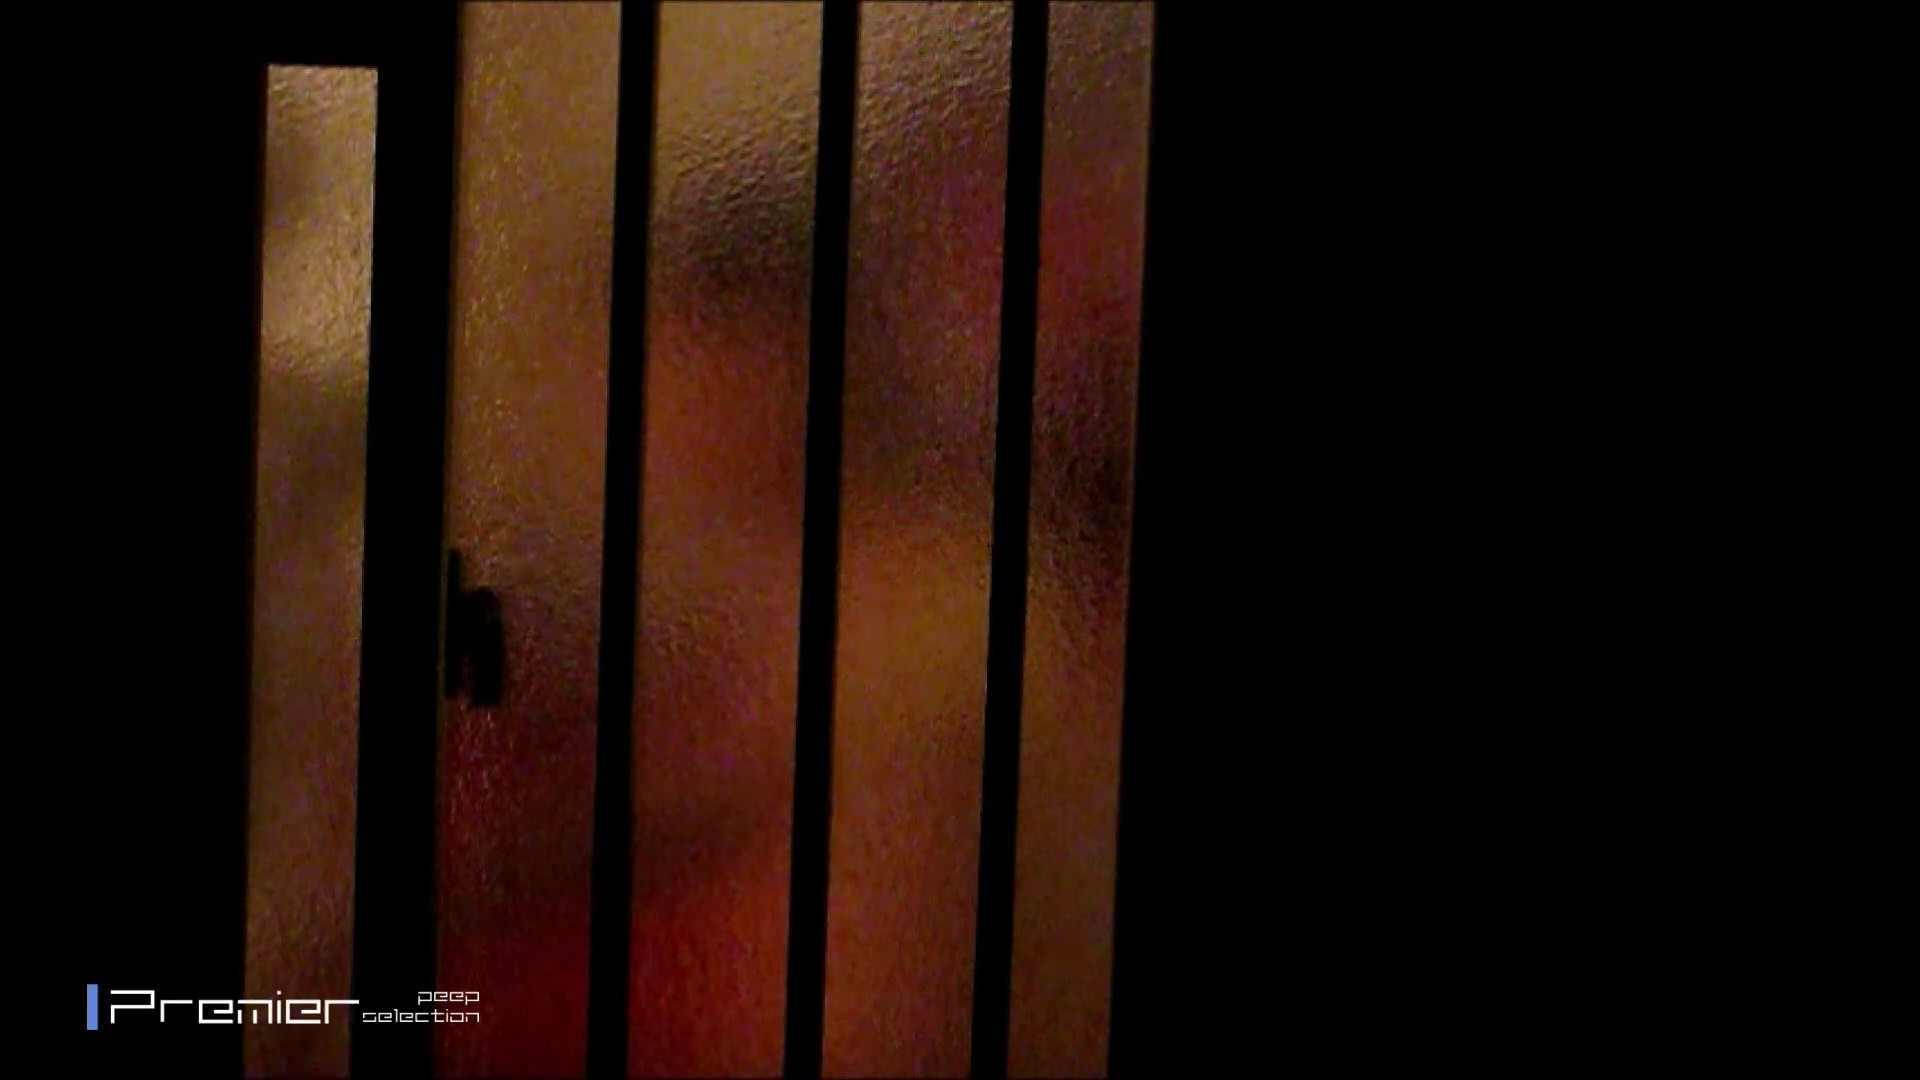 スレンダー美女の桃色乳首 乙女の風呂場 Vol.09 盗撮  96PIX 65